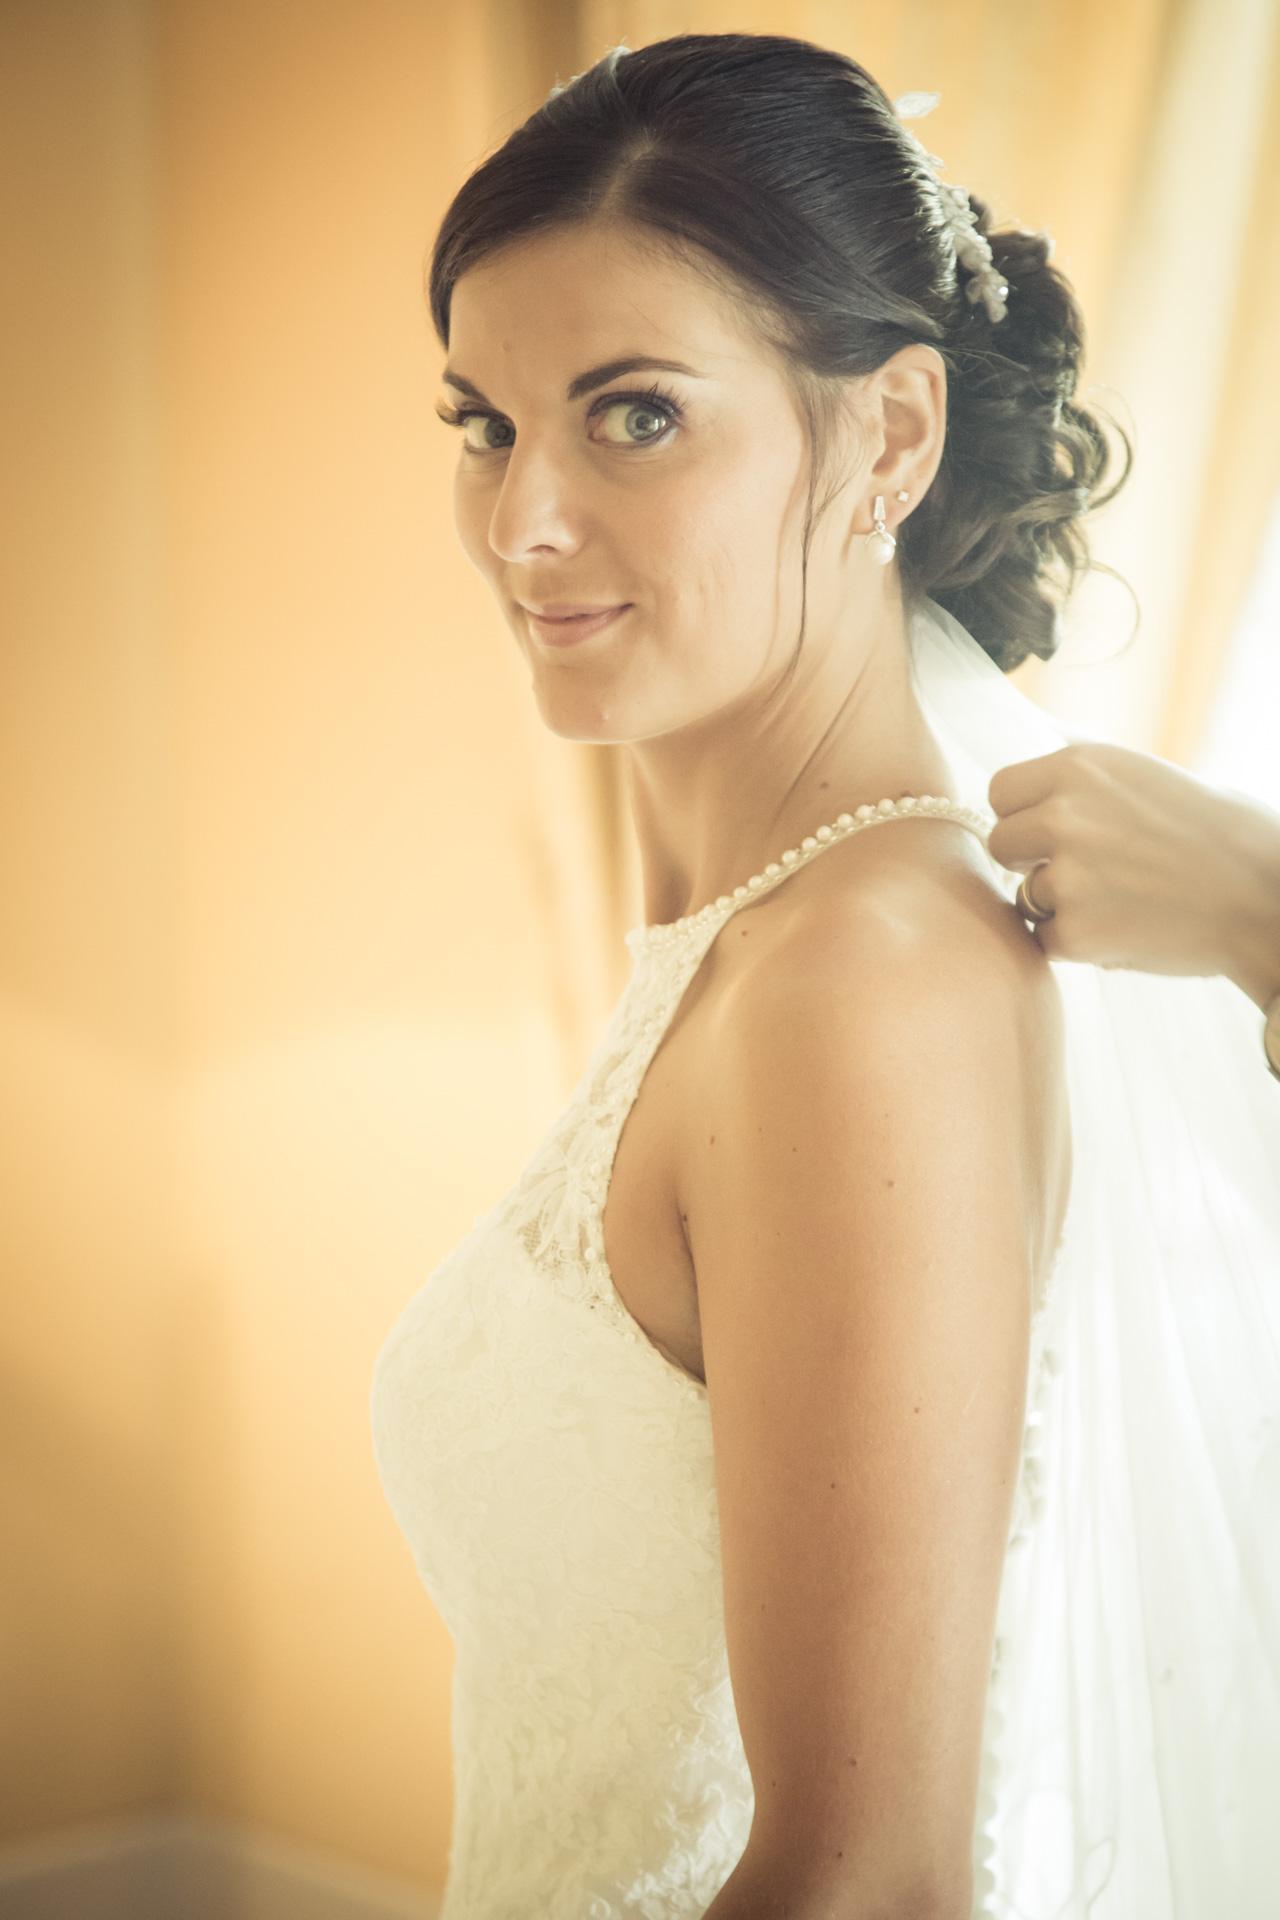 Mariage de Mallorye et Nicolas. Habillage, la mariee regardeChambre Grand Hotel de Divonne